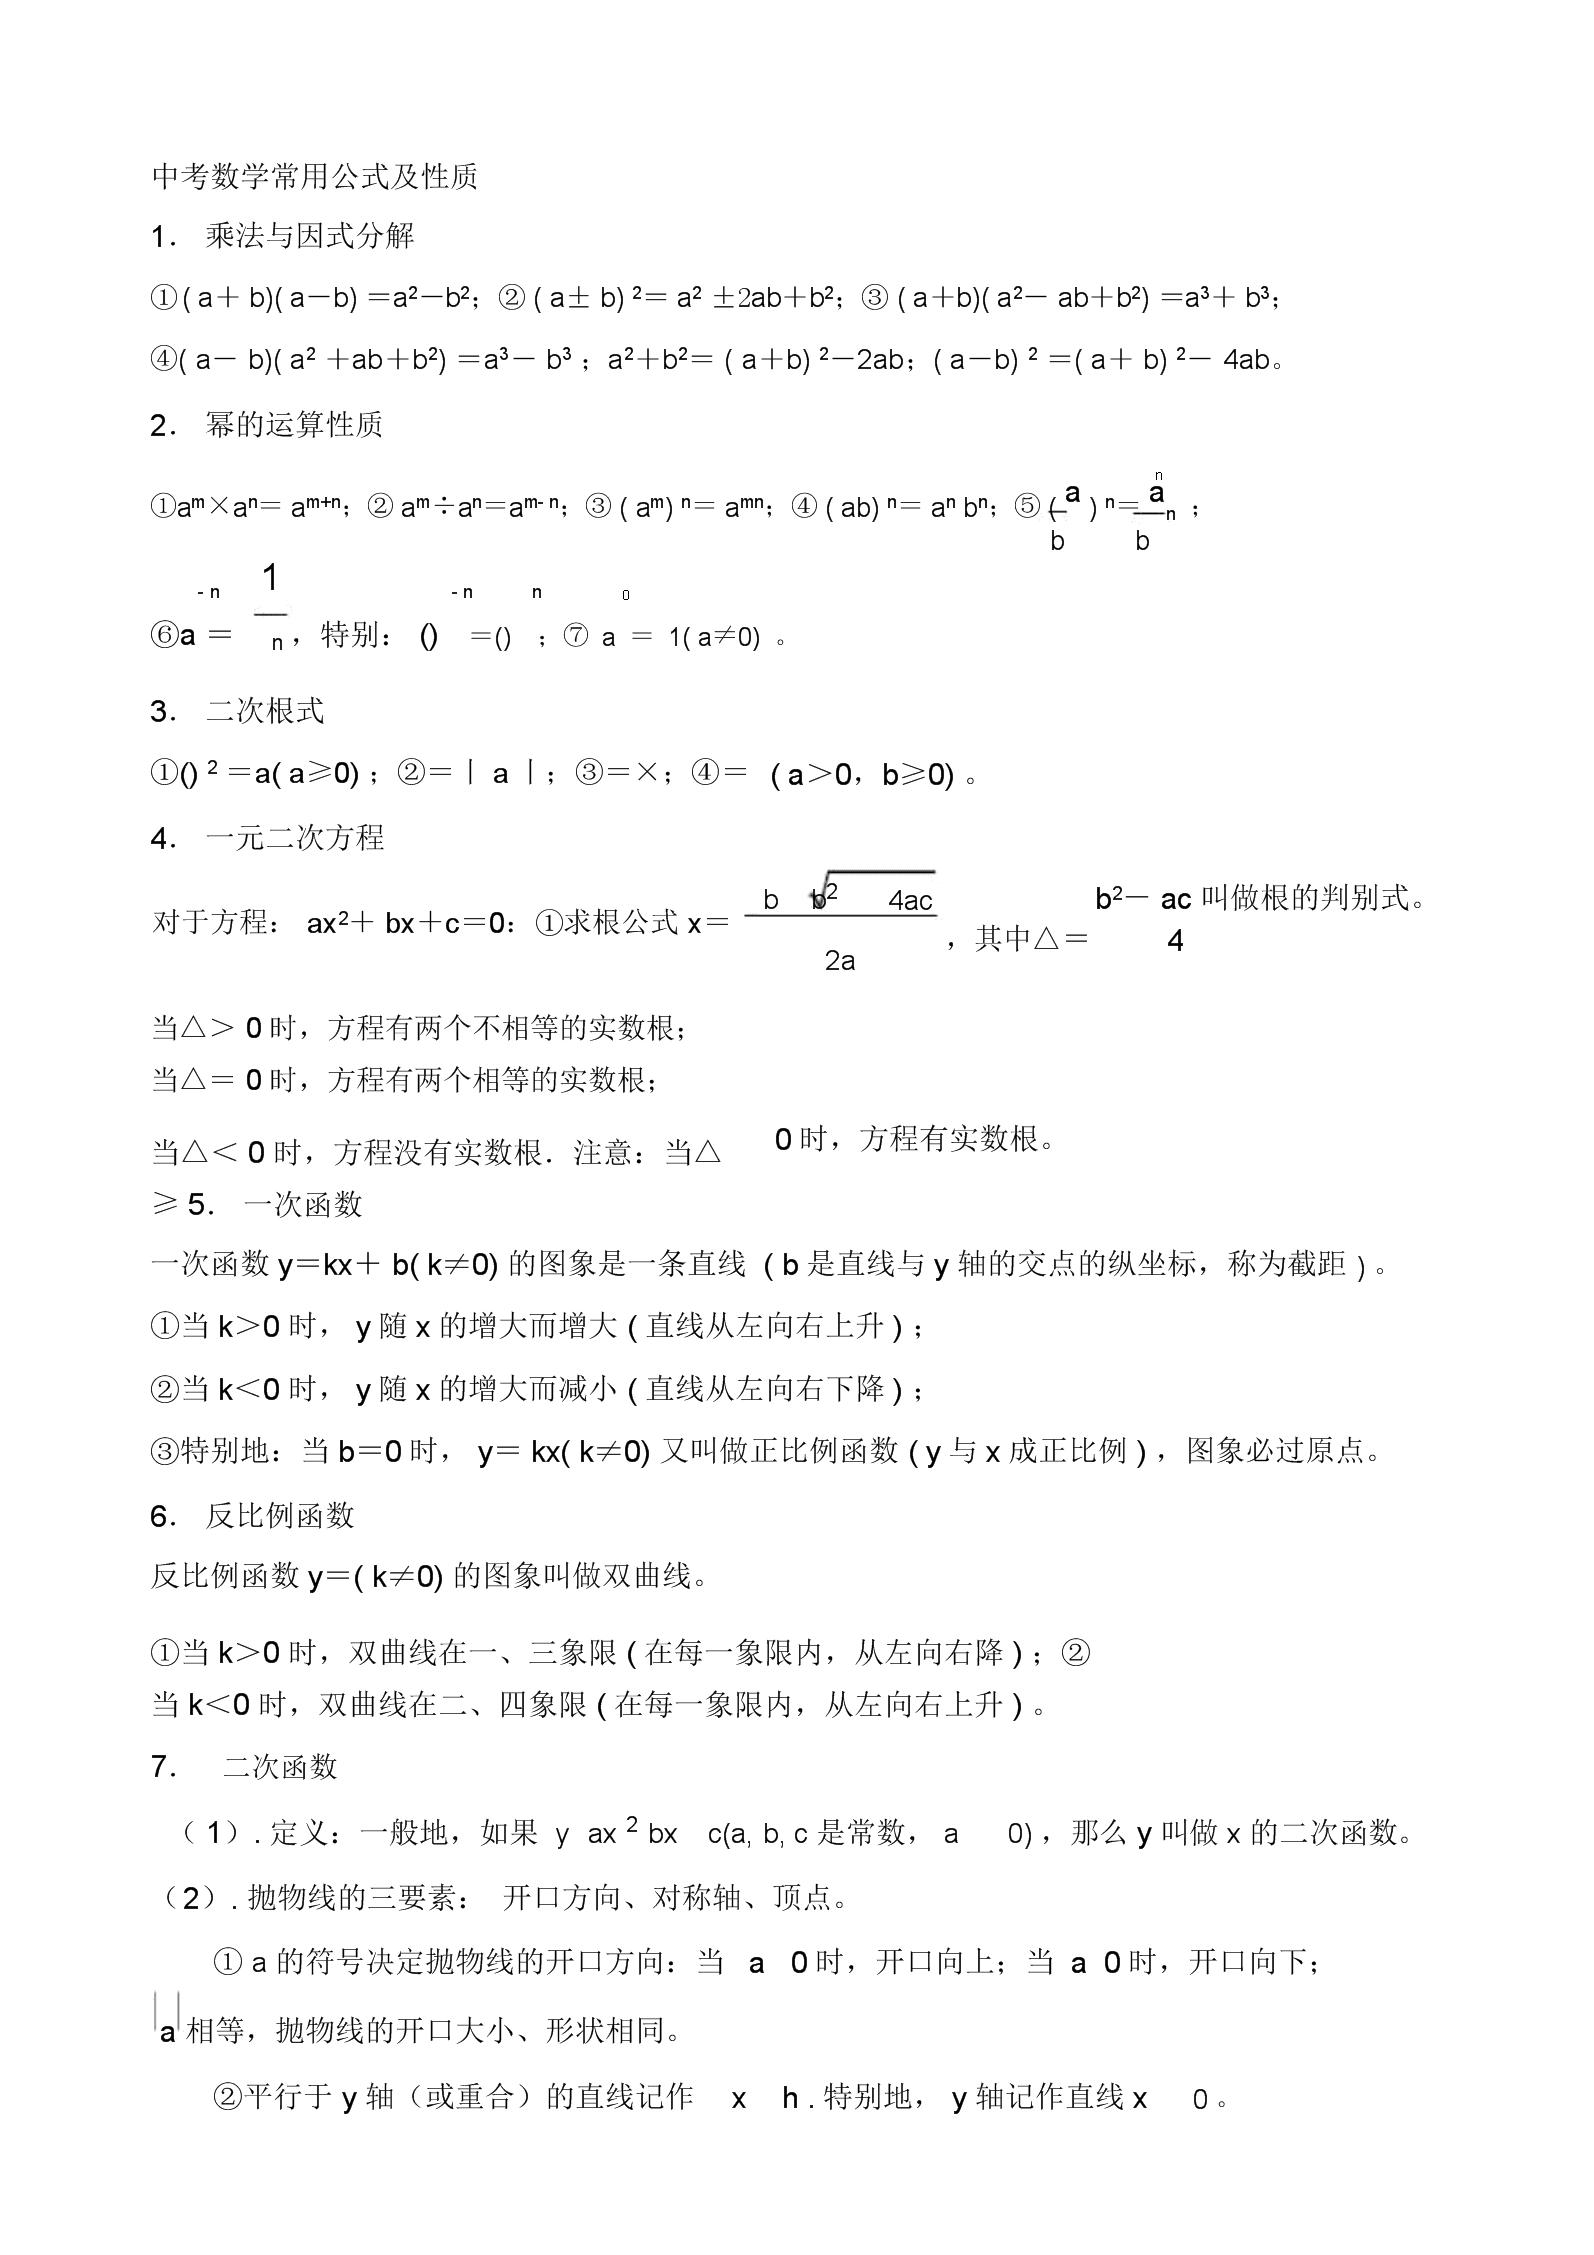 苏科版数学中考公式.docx